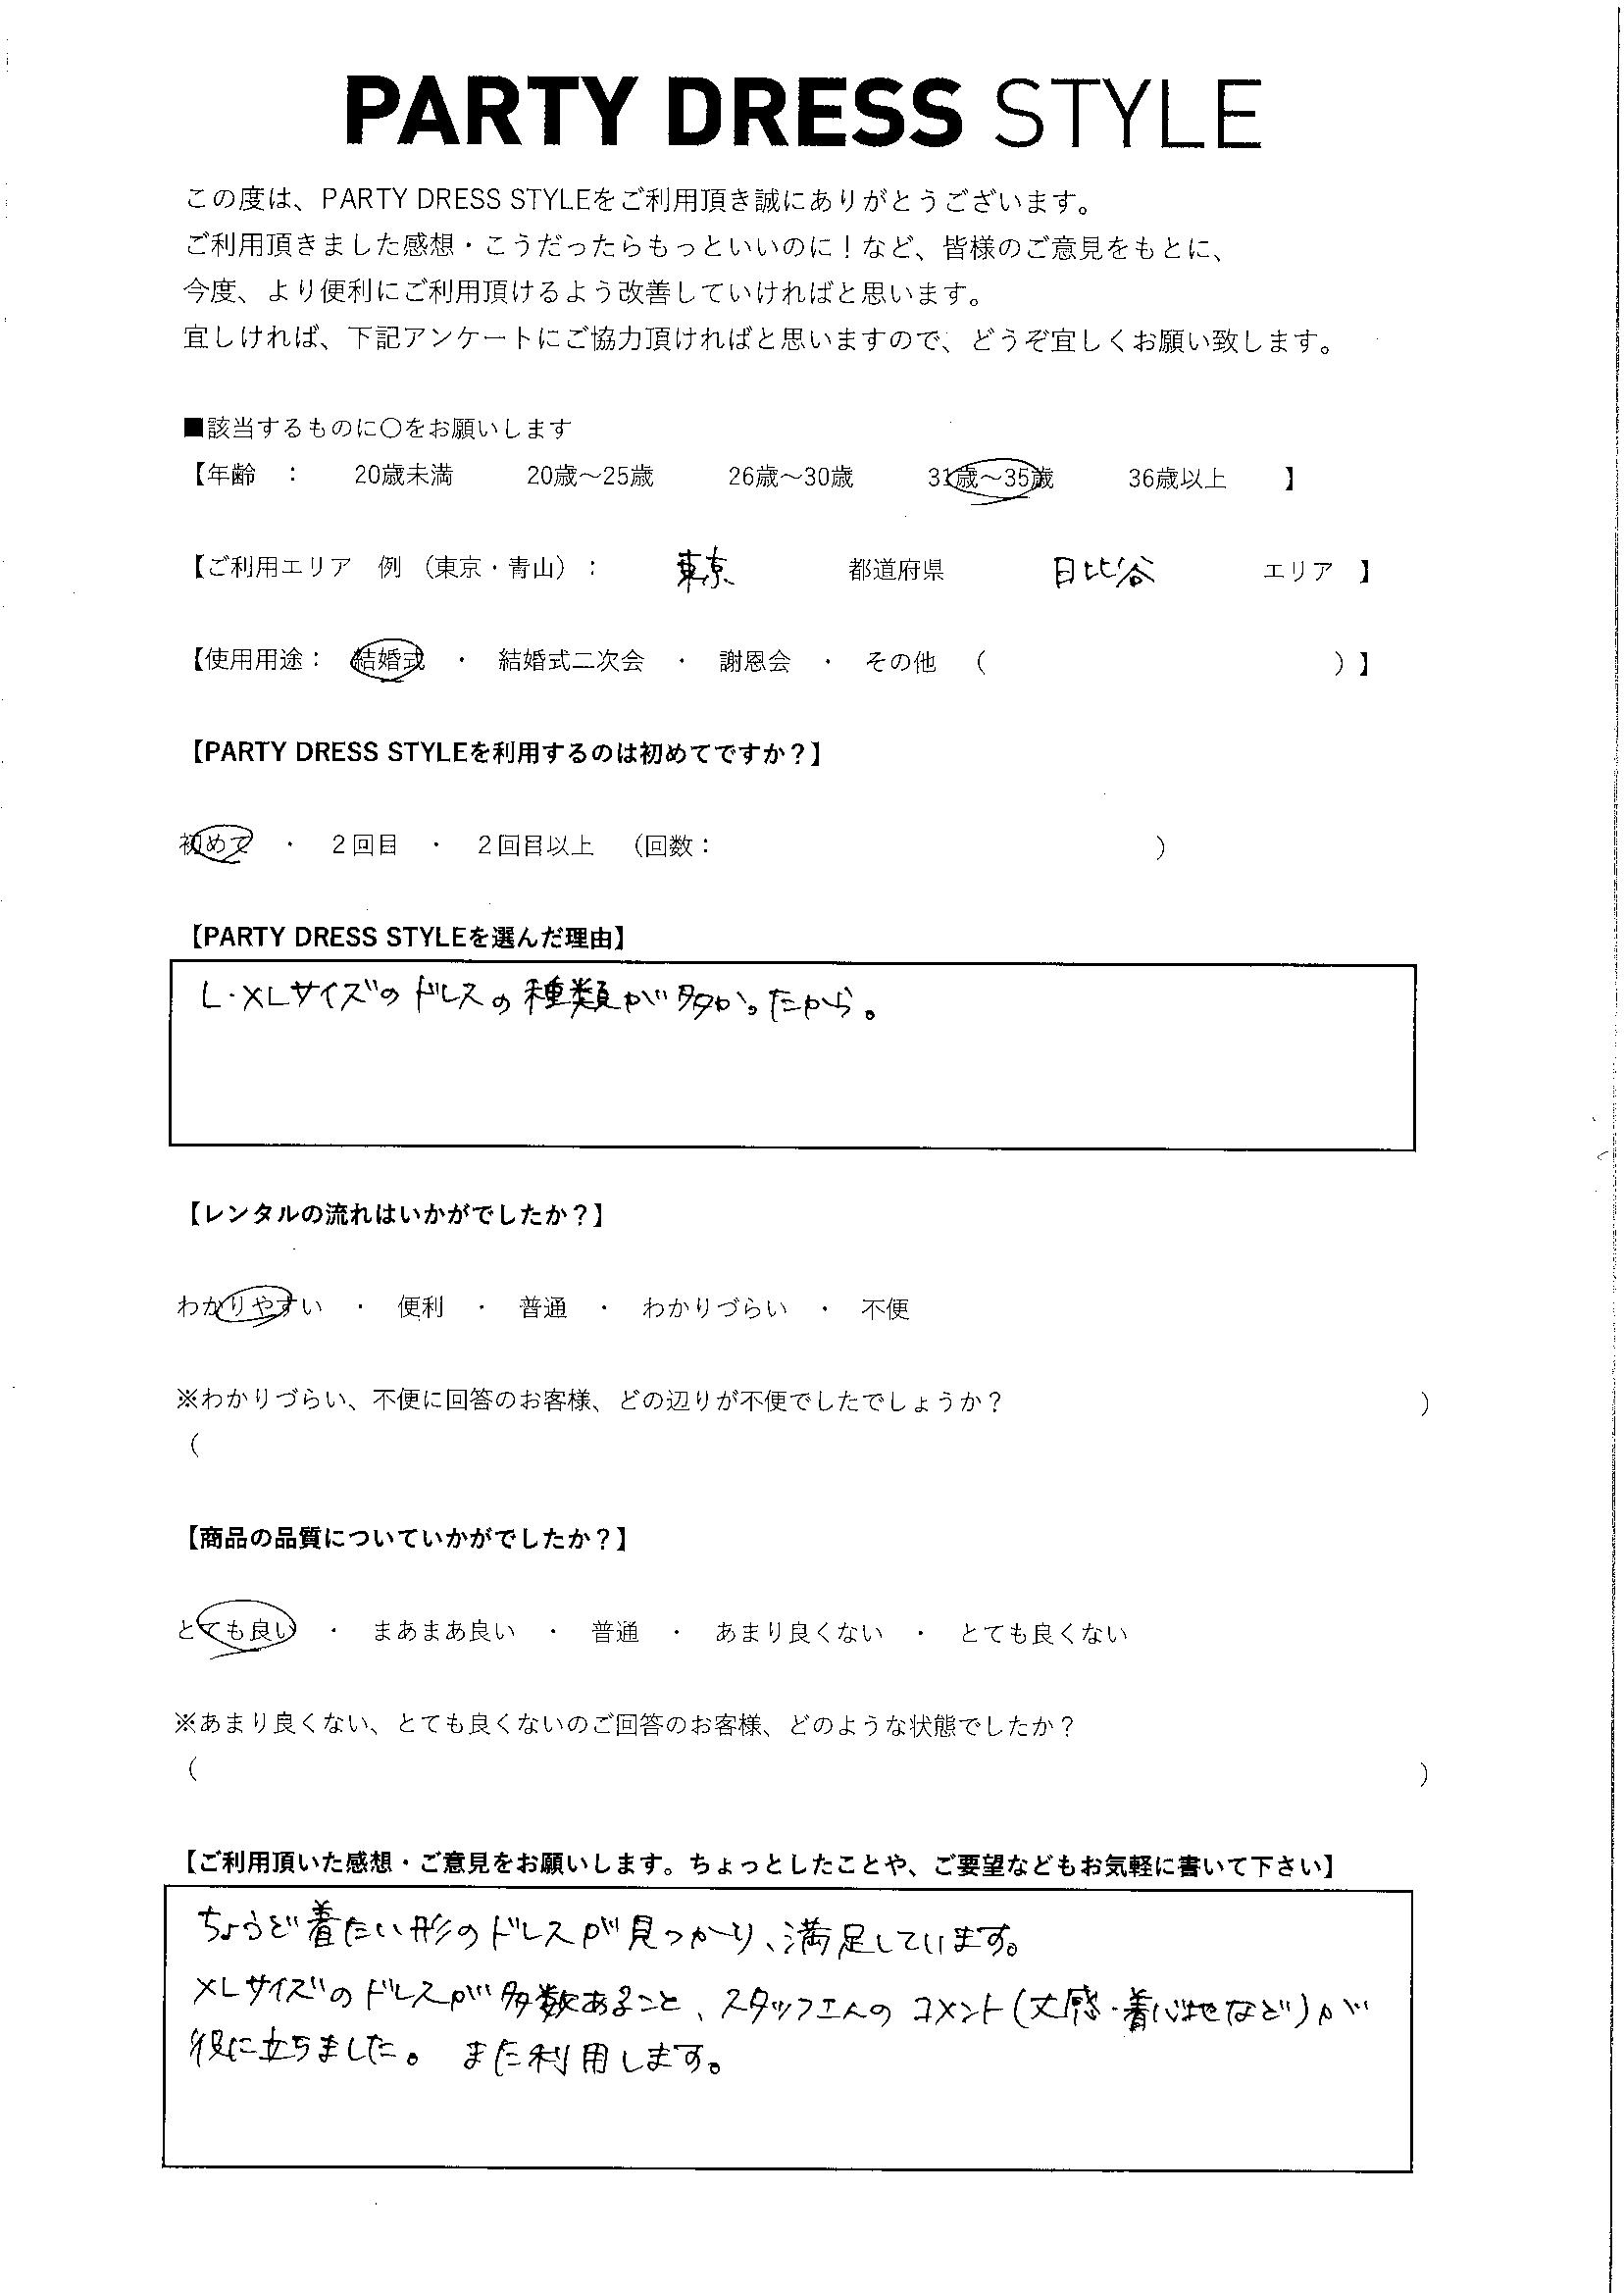 2/1結婚式ご利用 東京・日比谷エリア